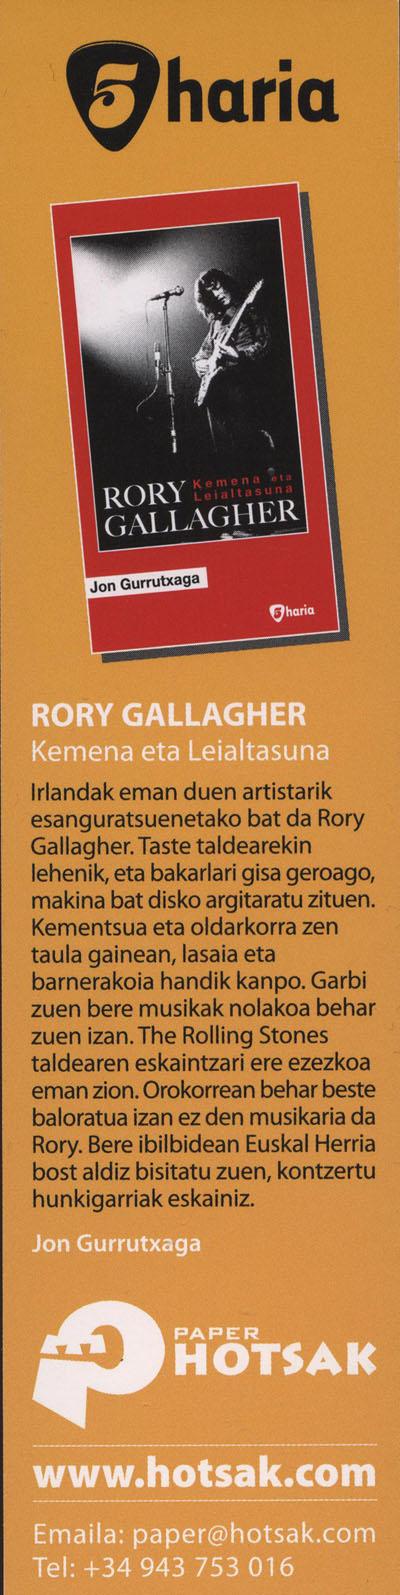 Jon Gurrutxaga - Rory Gallagher Kemena eta leiatasuna Biogra10